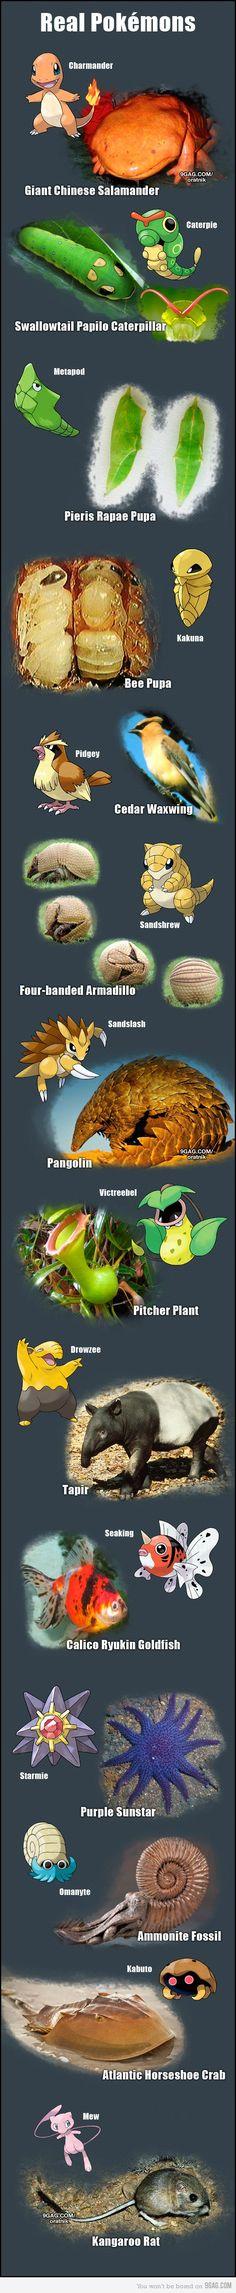 Real pokémons